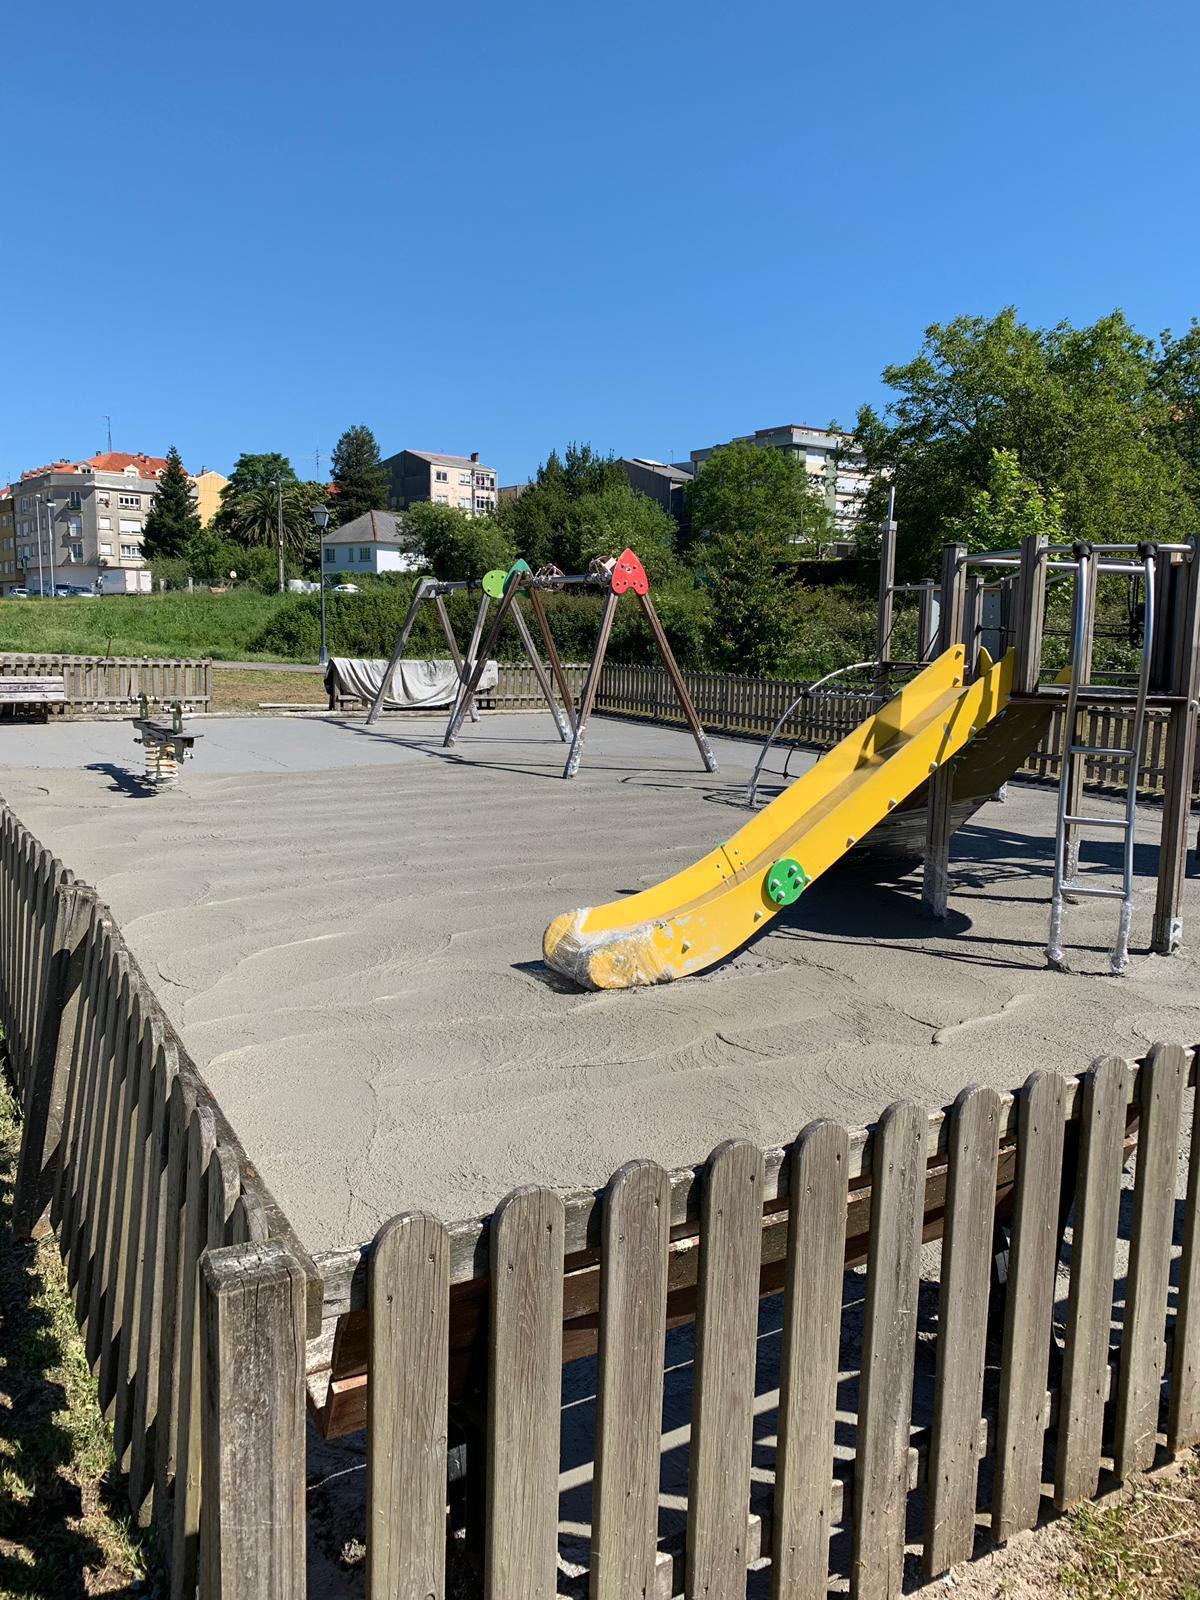 O Concello de Noia inicia as obras para a instalación dunha nova soleira no parque infantil de San Lázaro